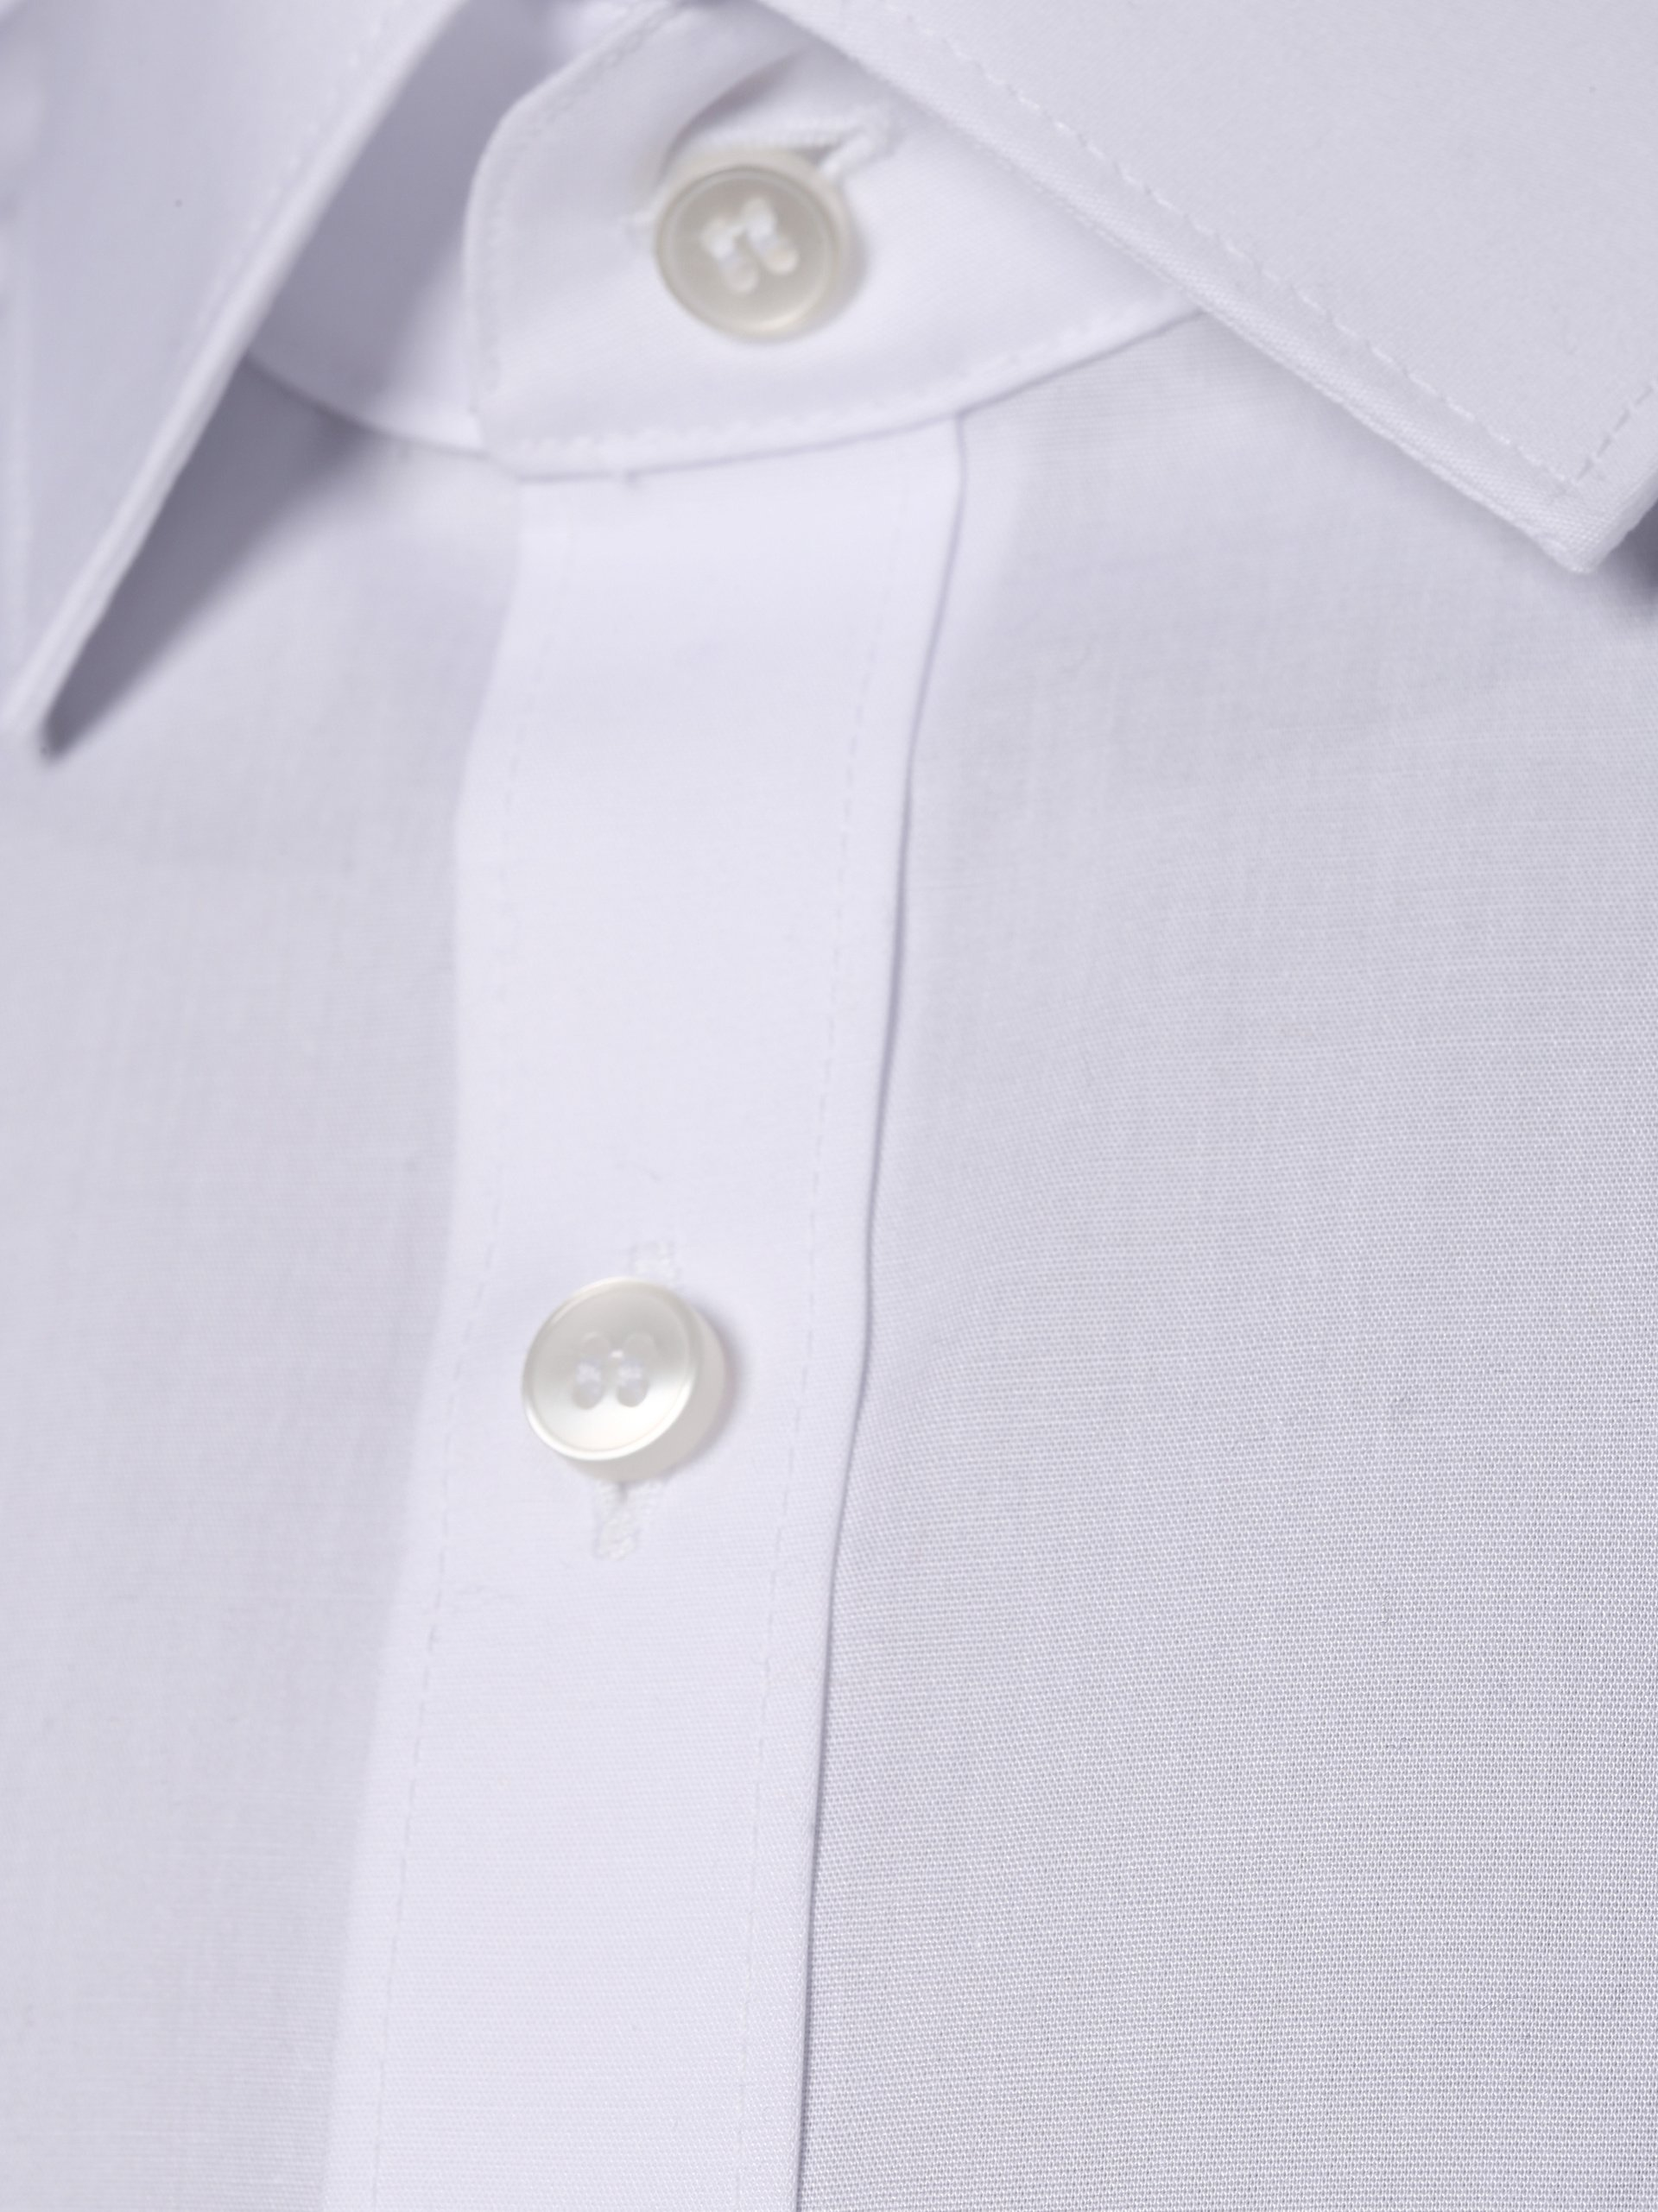 OLYMP No. Six Herren Hemd - Bügelleicht - Extralange Ärmel